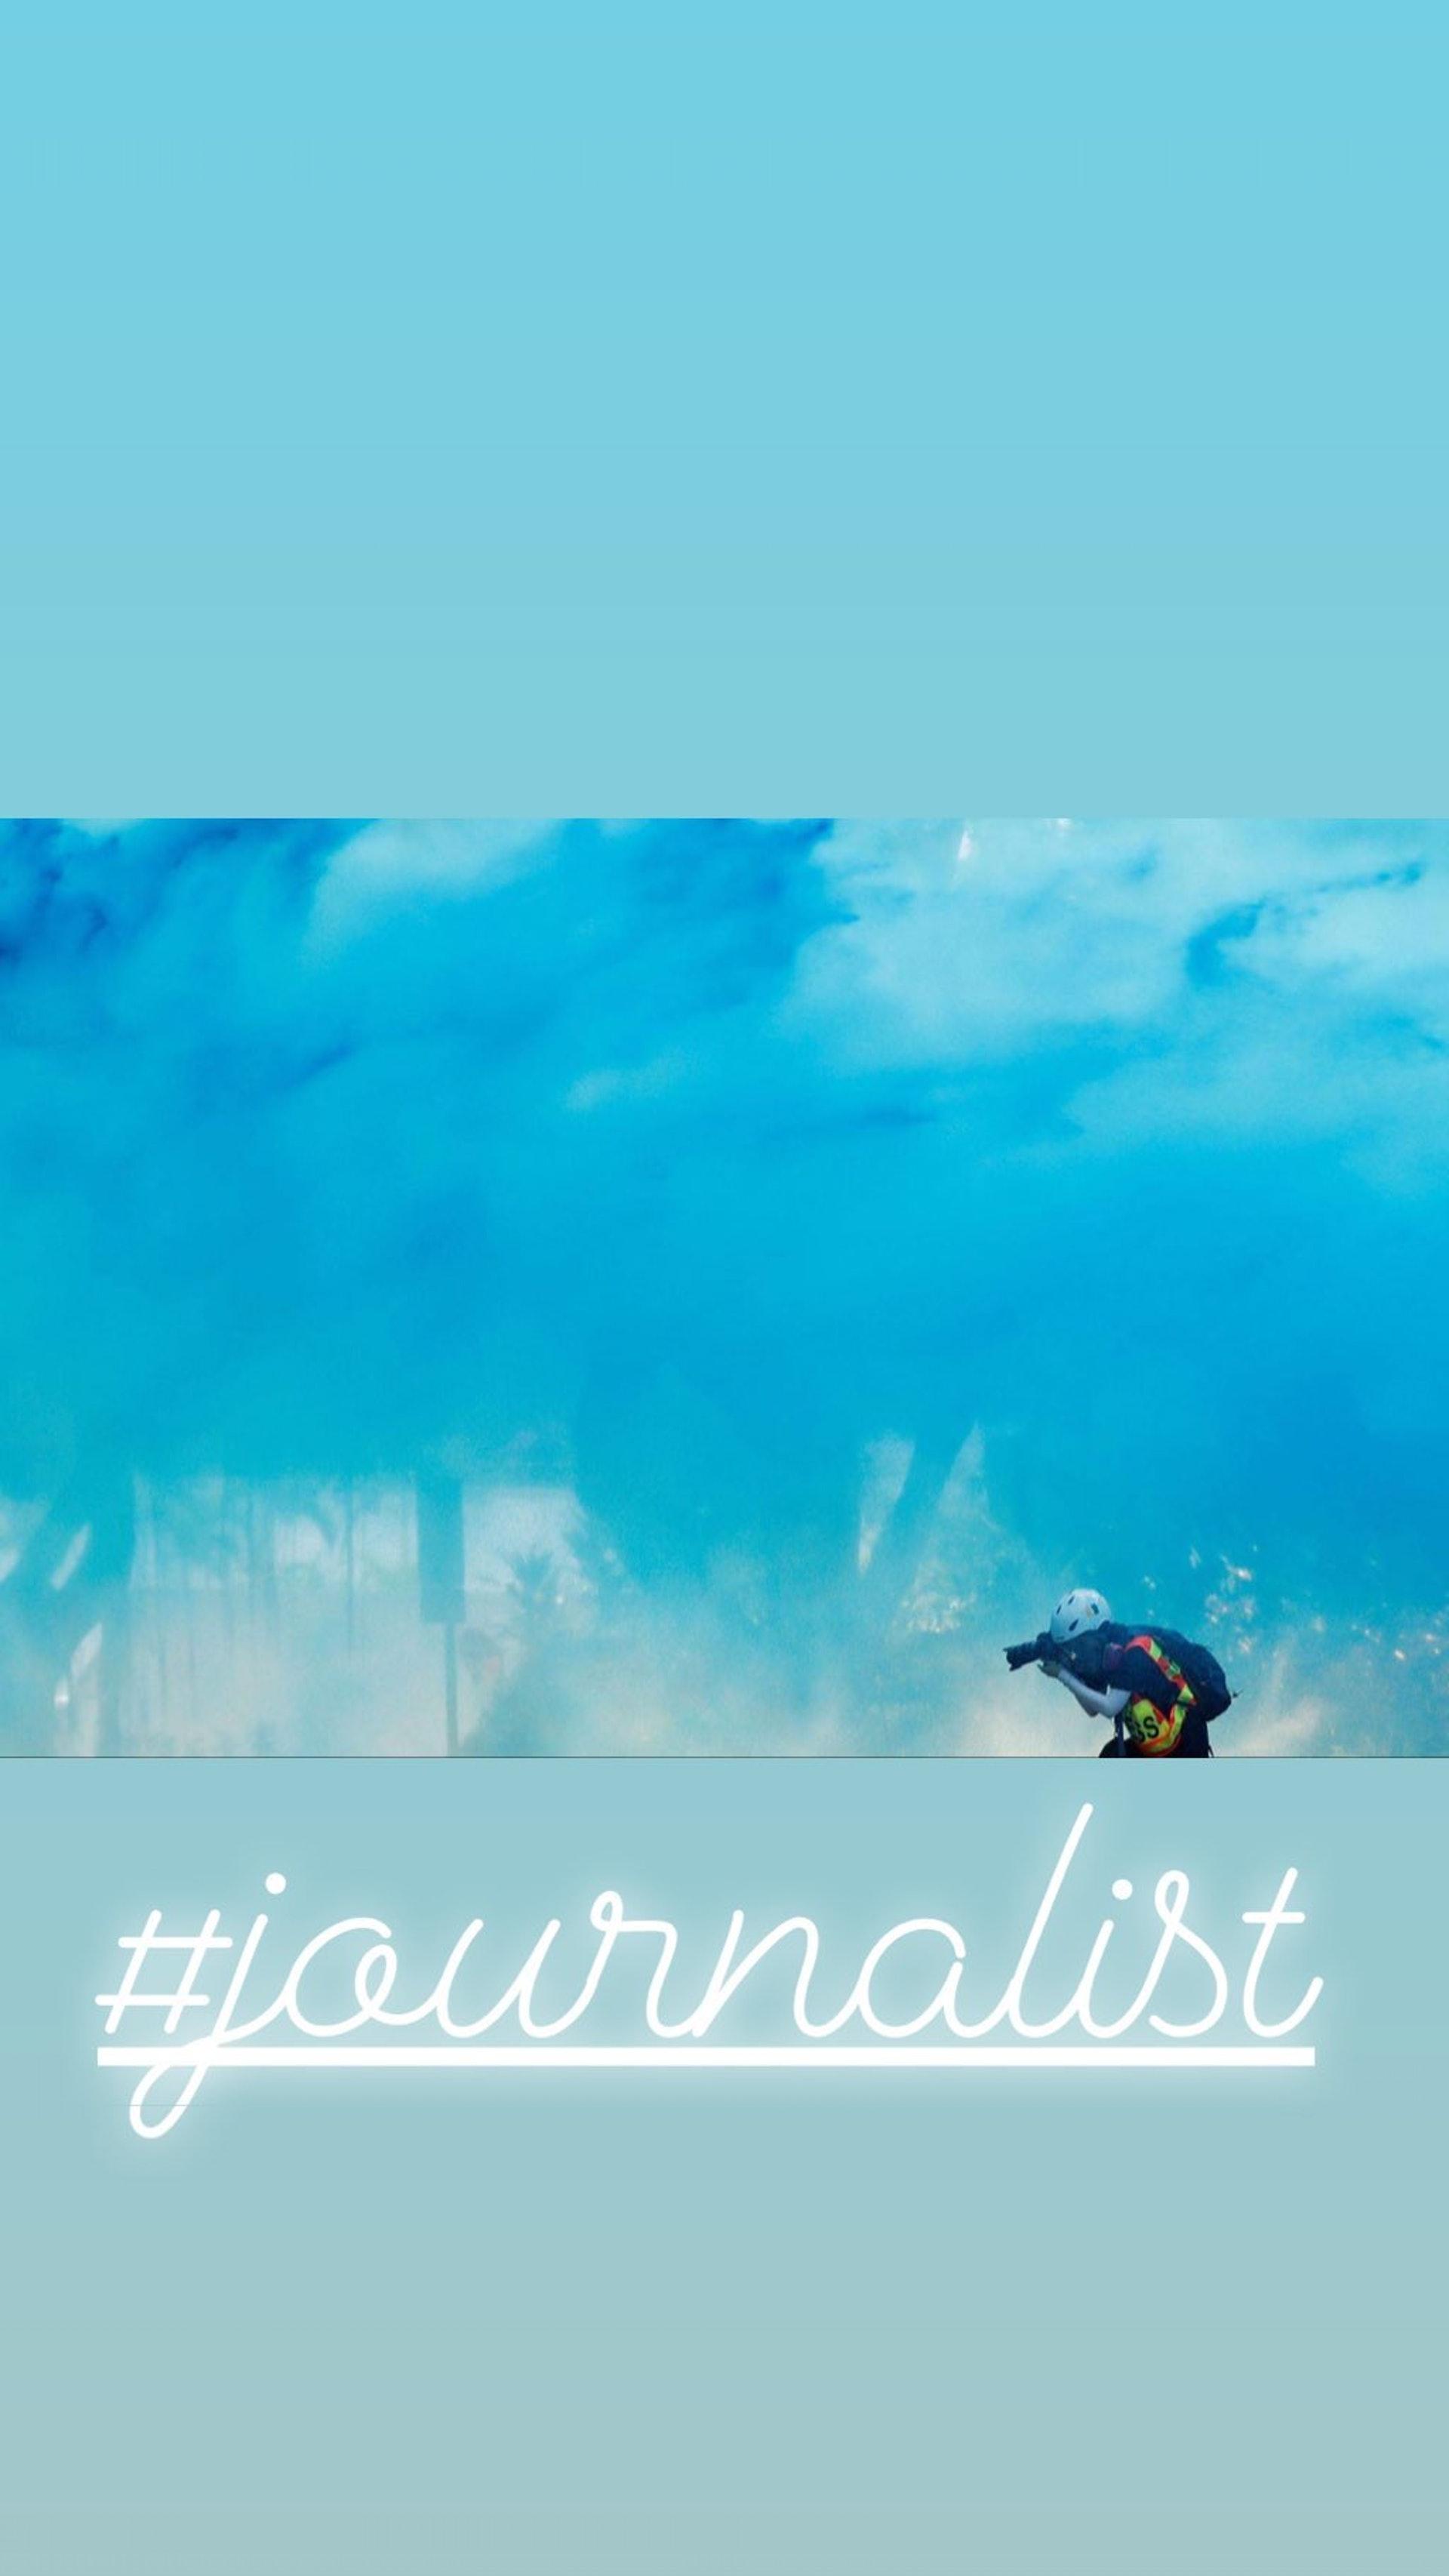 梁凱寧分享一名前線記者在彌漫着一片藍色的空氣中舉起相機報道的照片。(Instagram:@maggieleung0722)